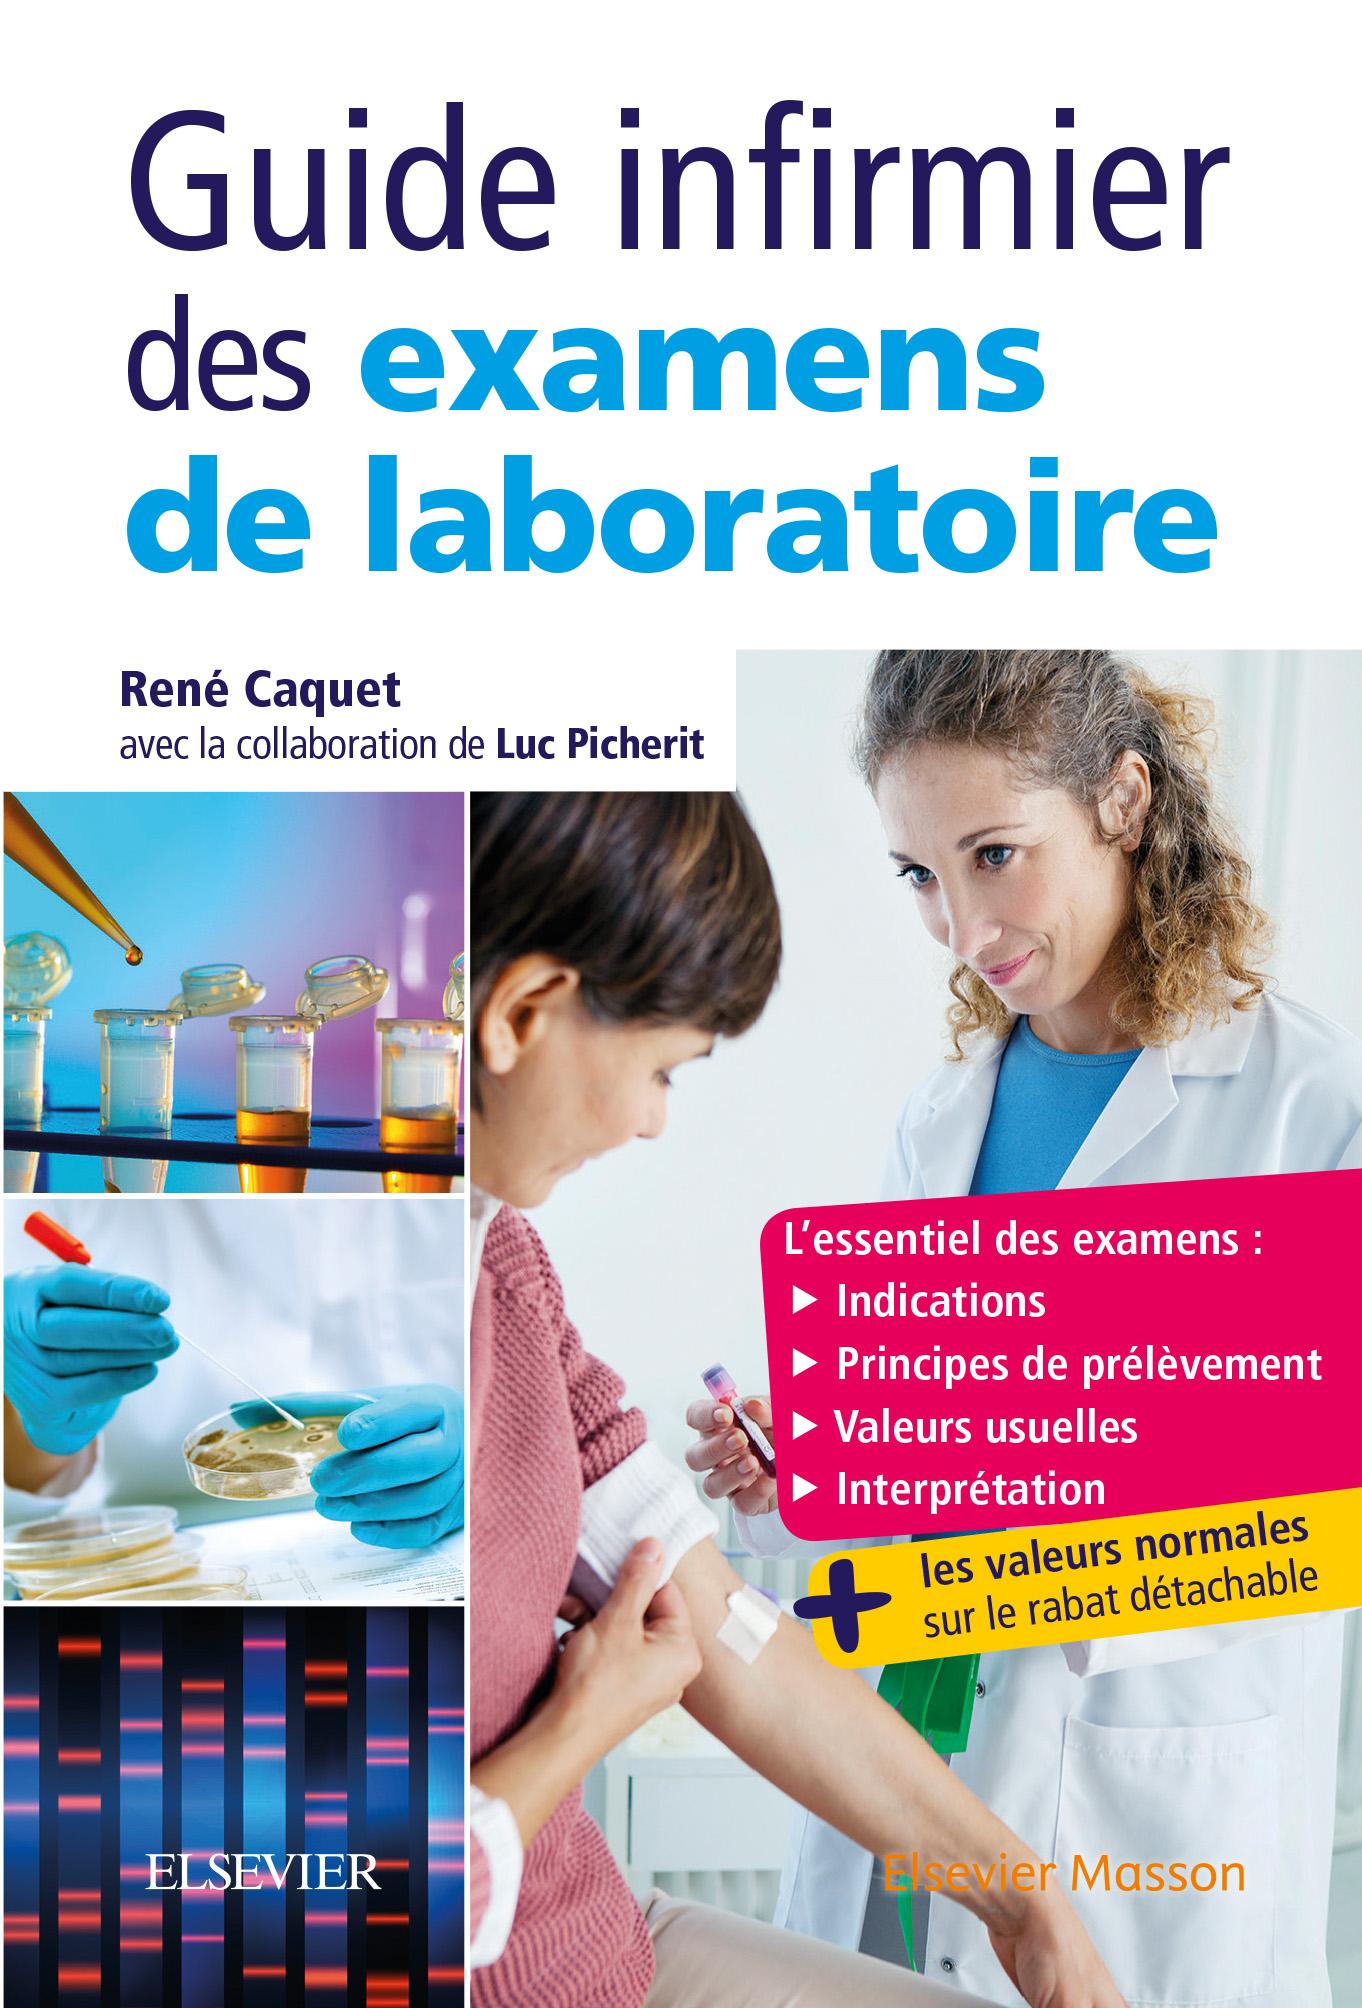 Le Guide Infirmier des Examens de Laboratoire